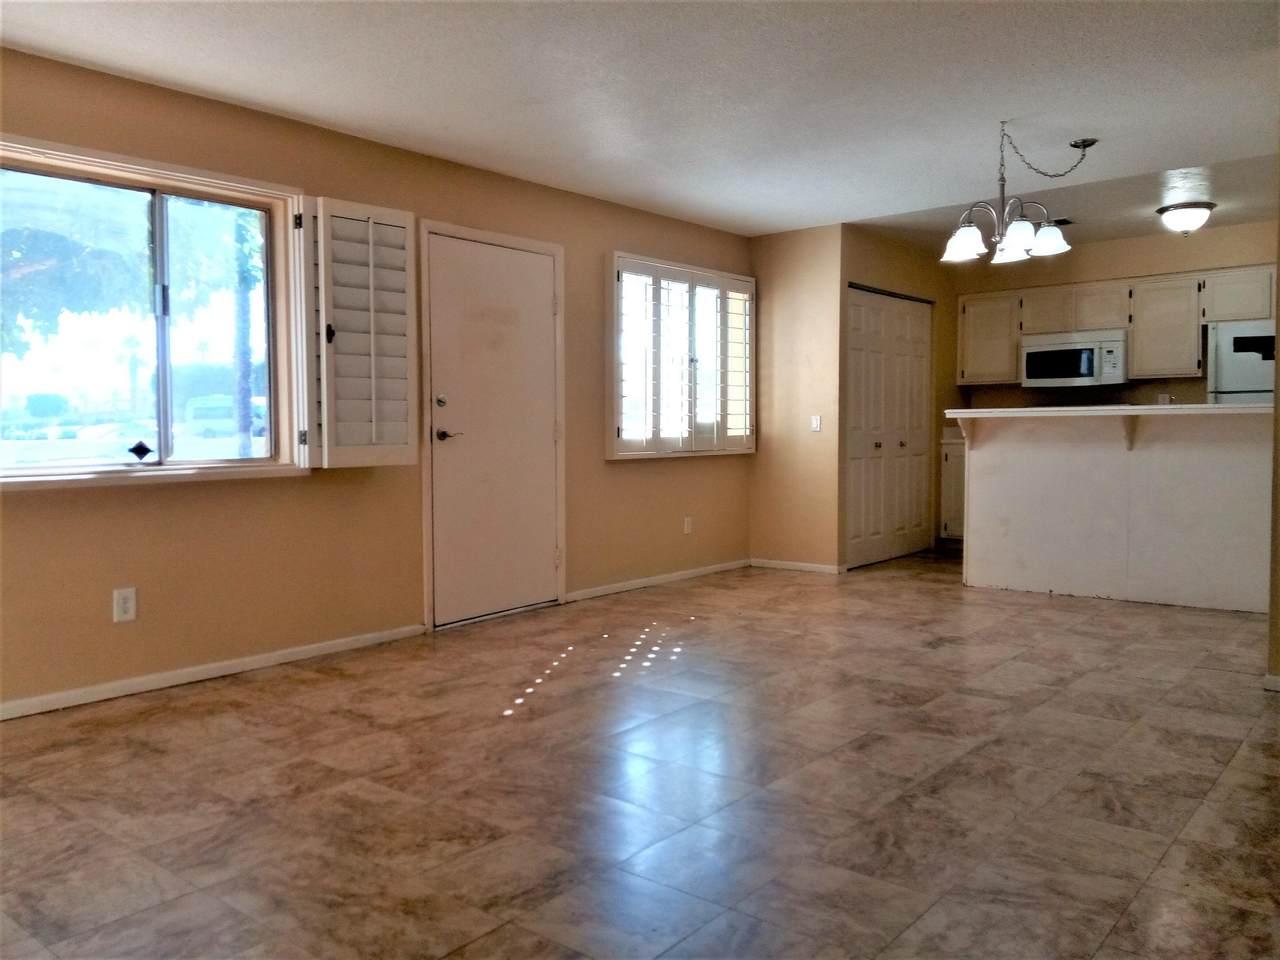 72603 Edgehill Drive - Photo 1